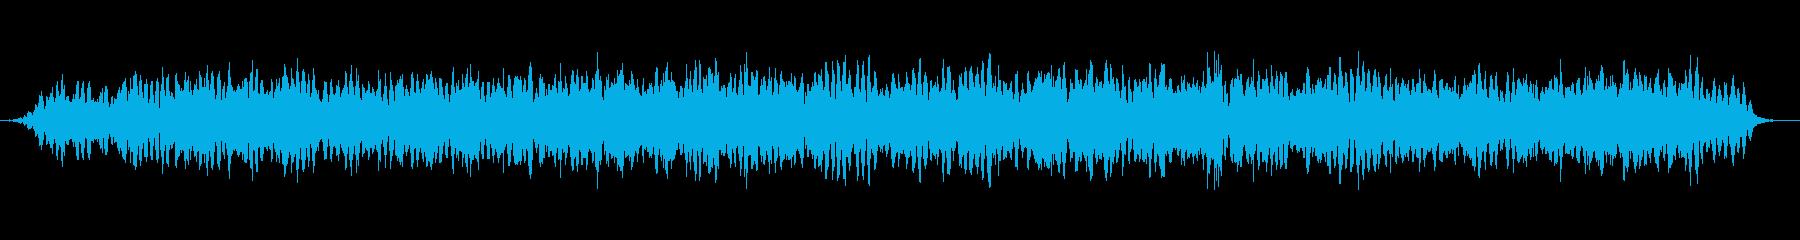 【生演奏】ざわざわしたストリングス/E線の再生済みの波形